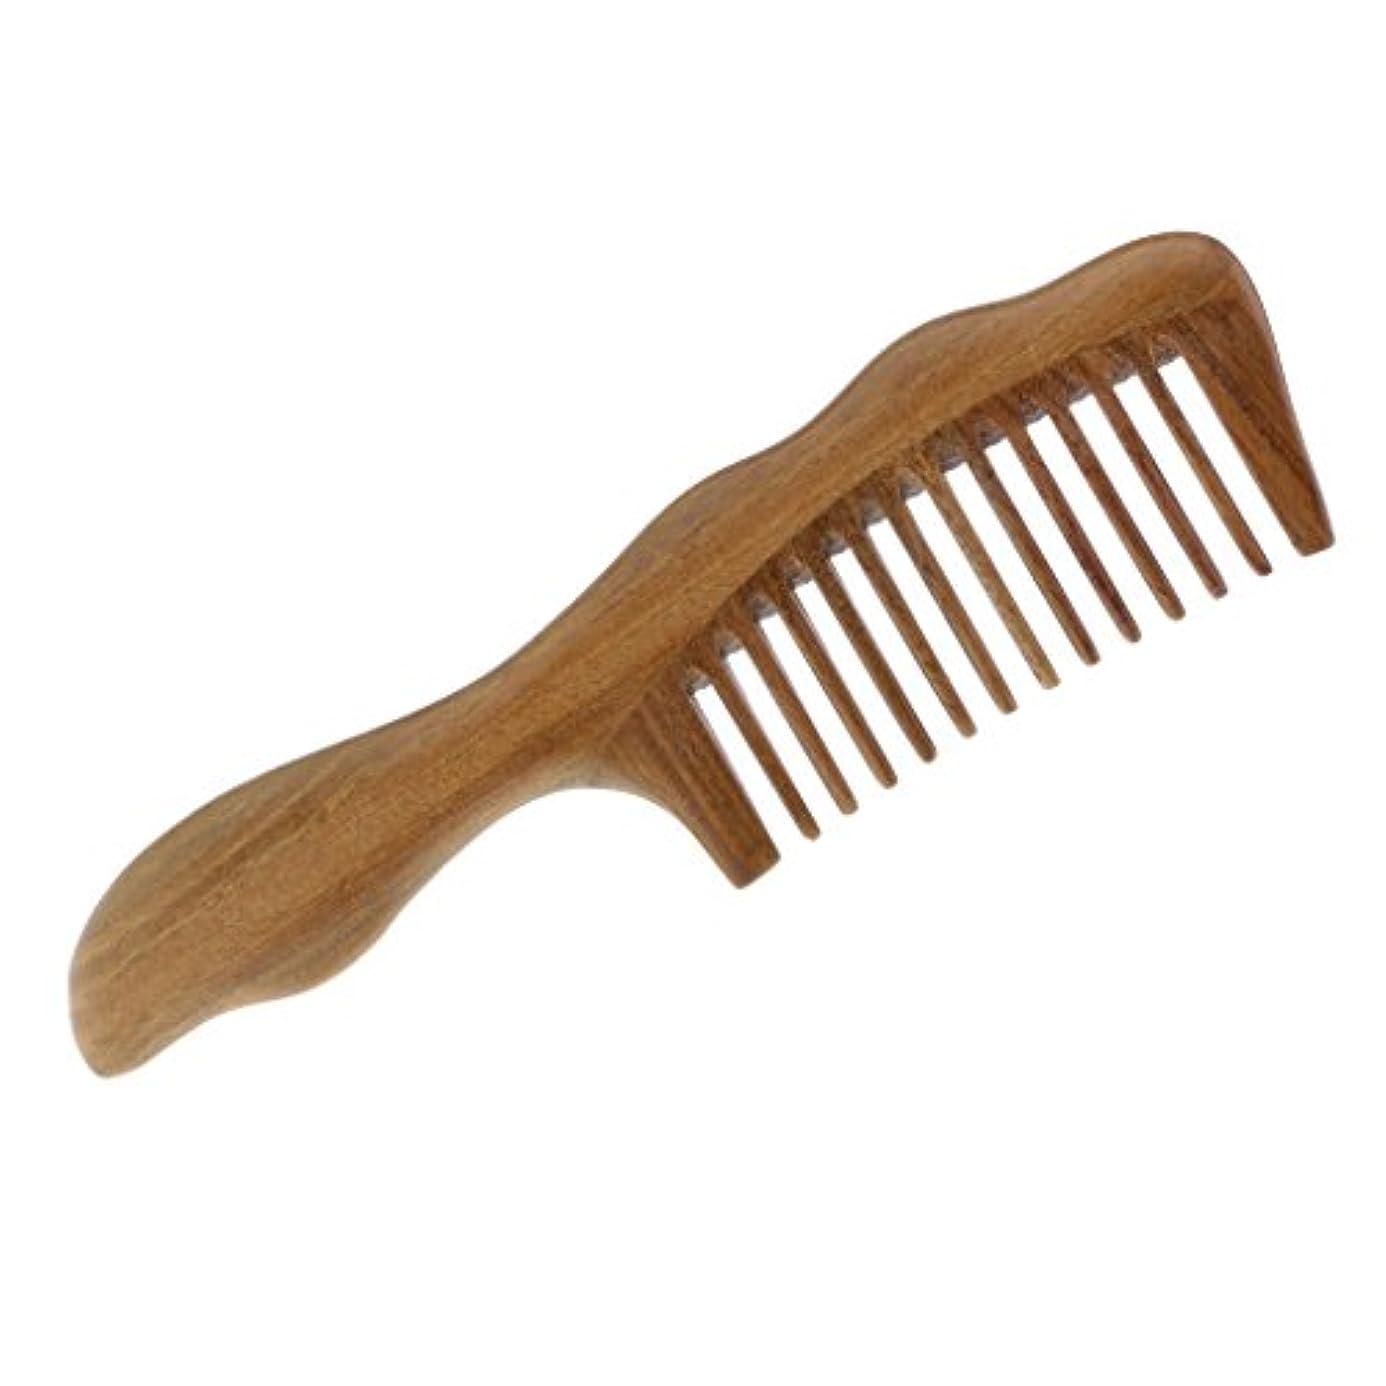 脊椎土曜日プーノToygogo 広い歯の櫛の木製のもつれの櫛、木製の毛のブラシ/Sandalwoodの非静的な木の櫛